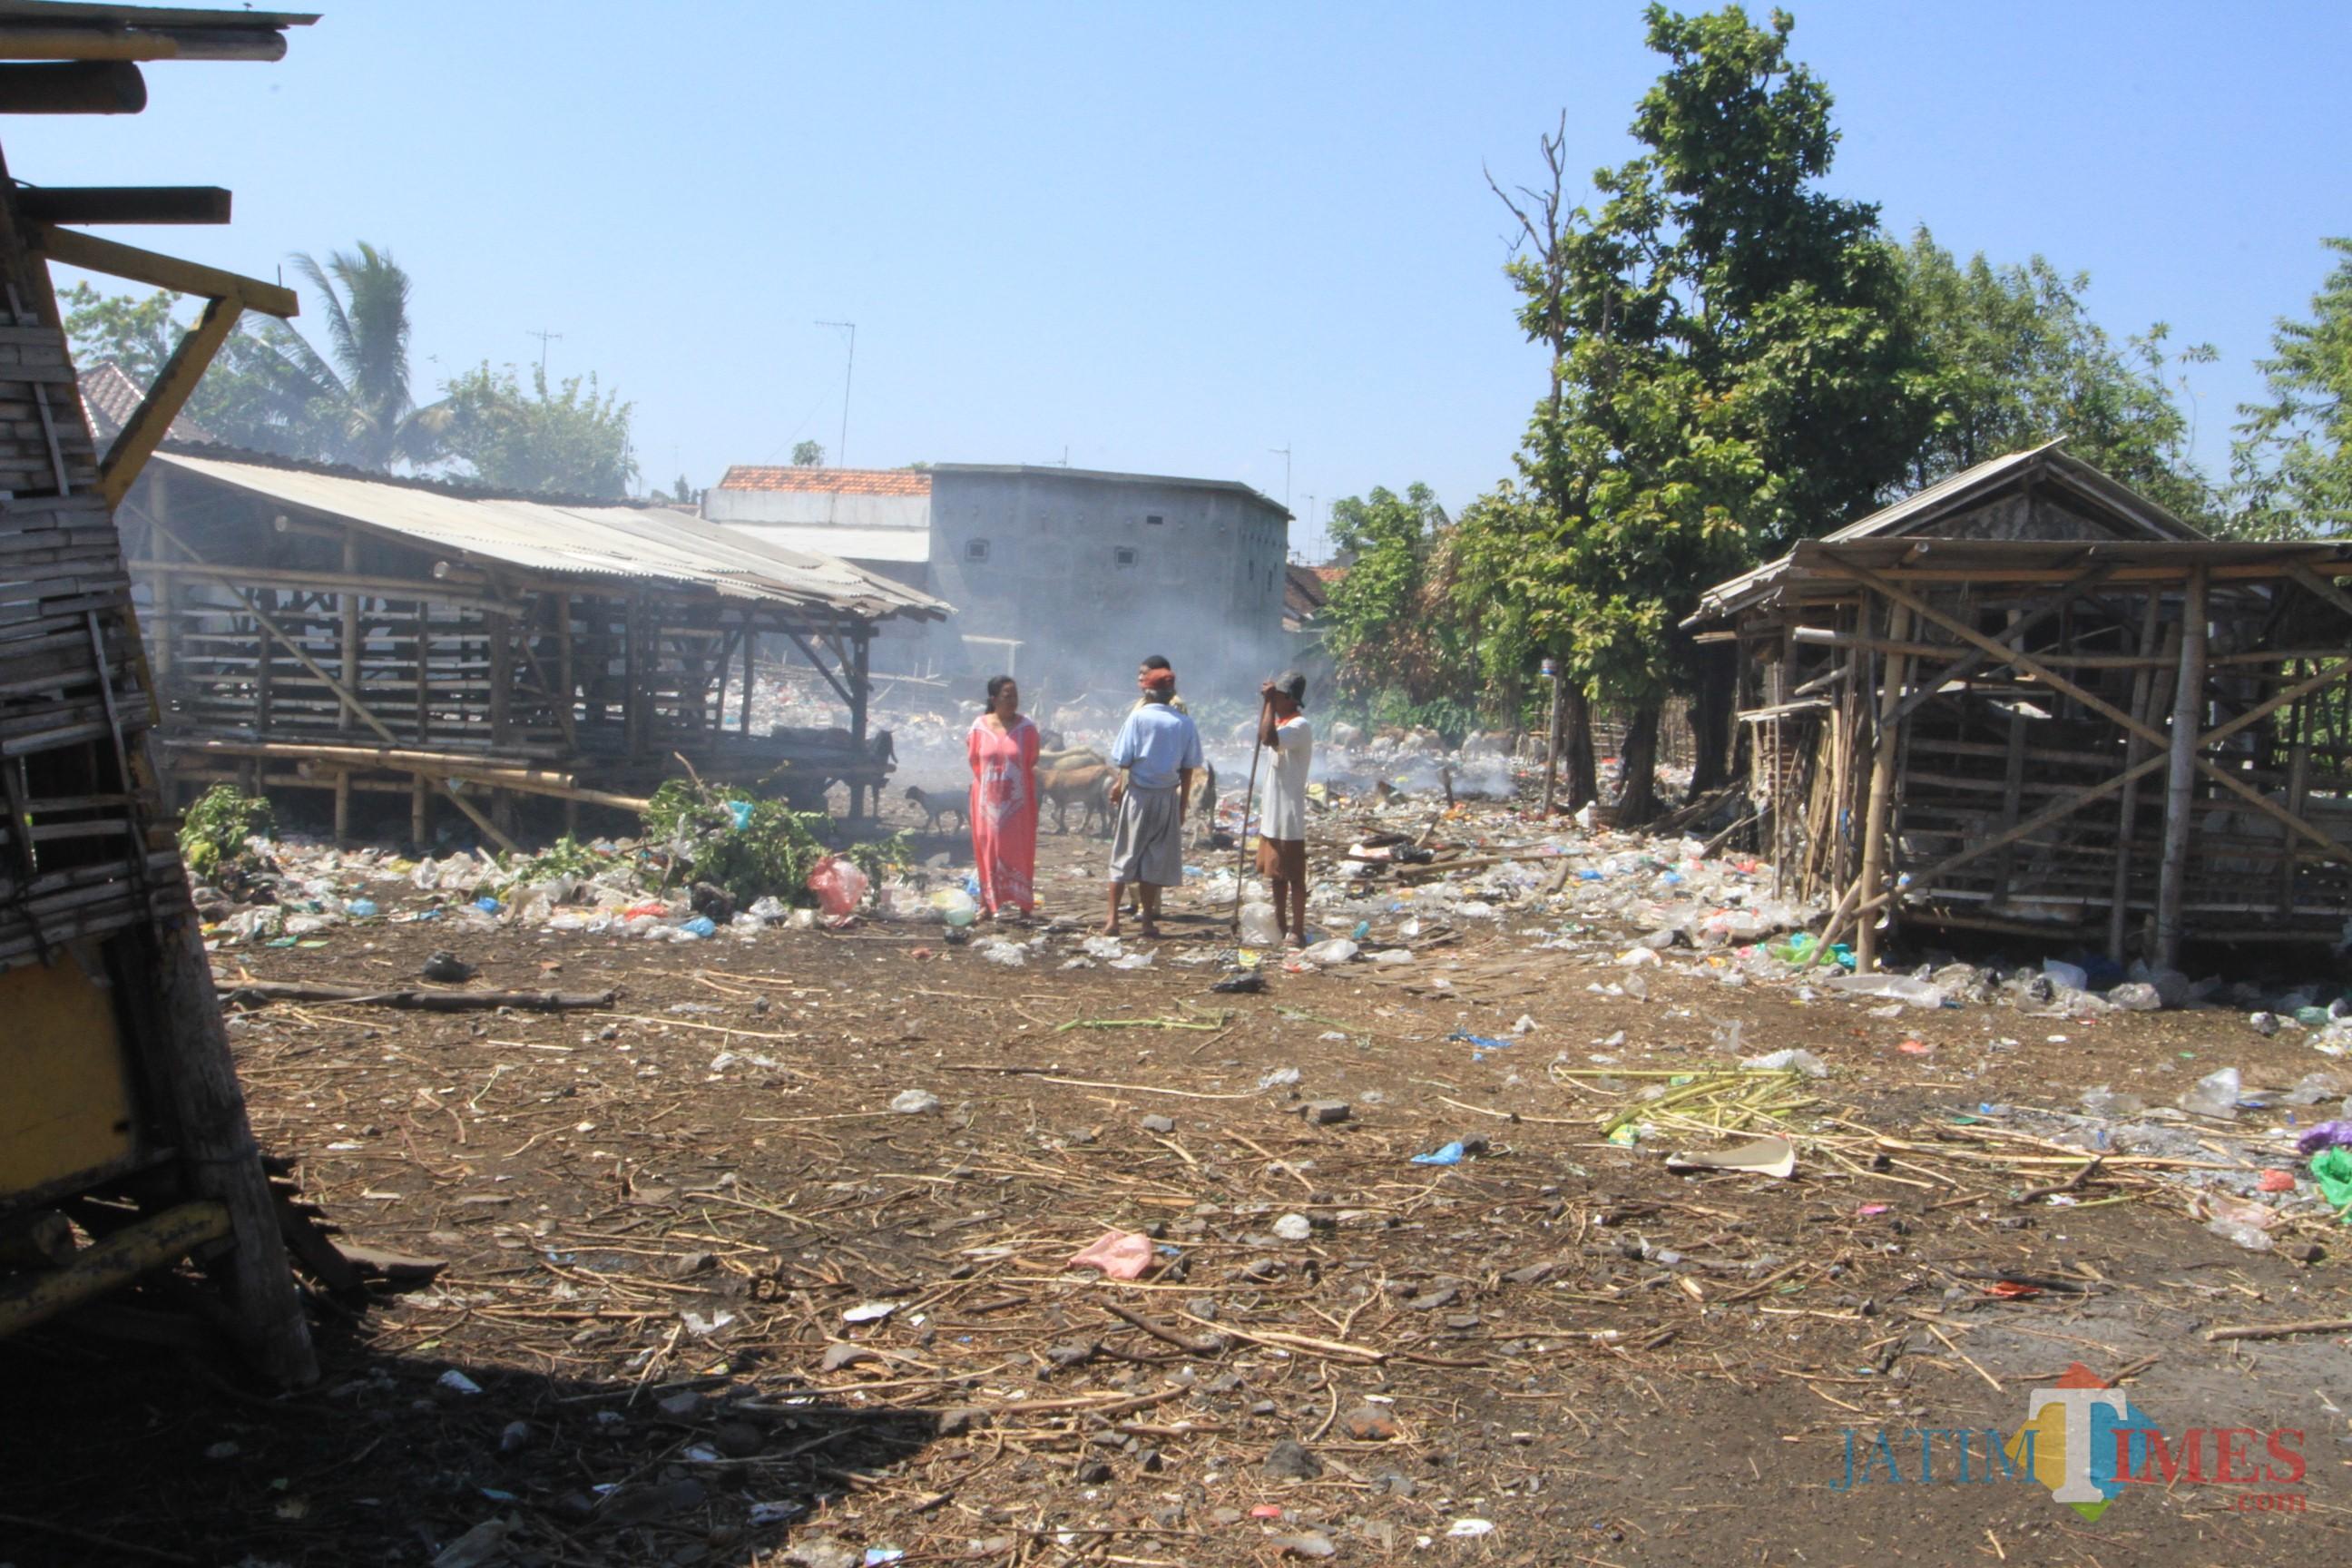 Lahan yang  diresahkan warga karena dijadikan tempat membakar sampah (Agus Salam/Jatim TIMES)